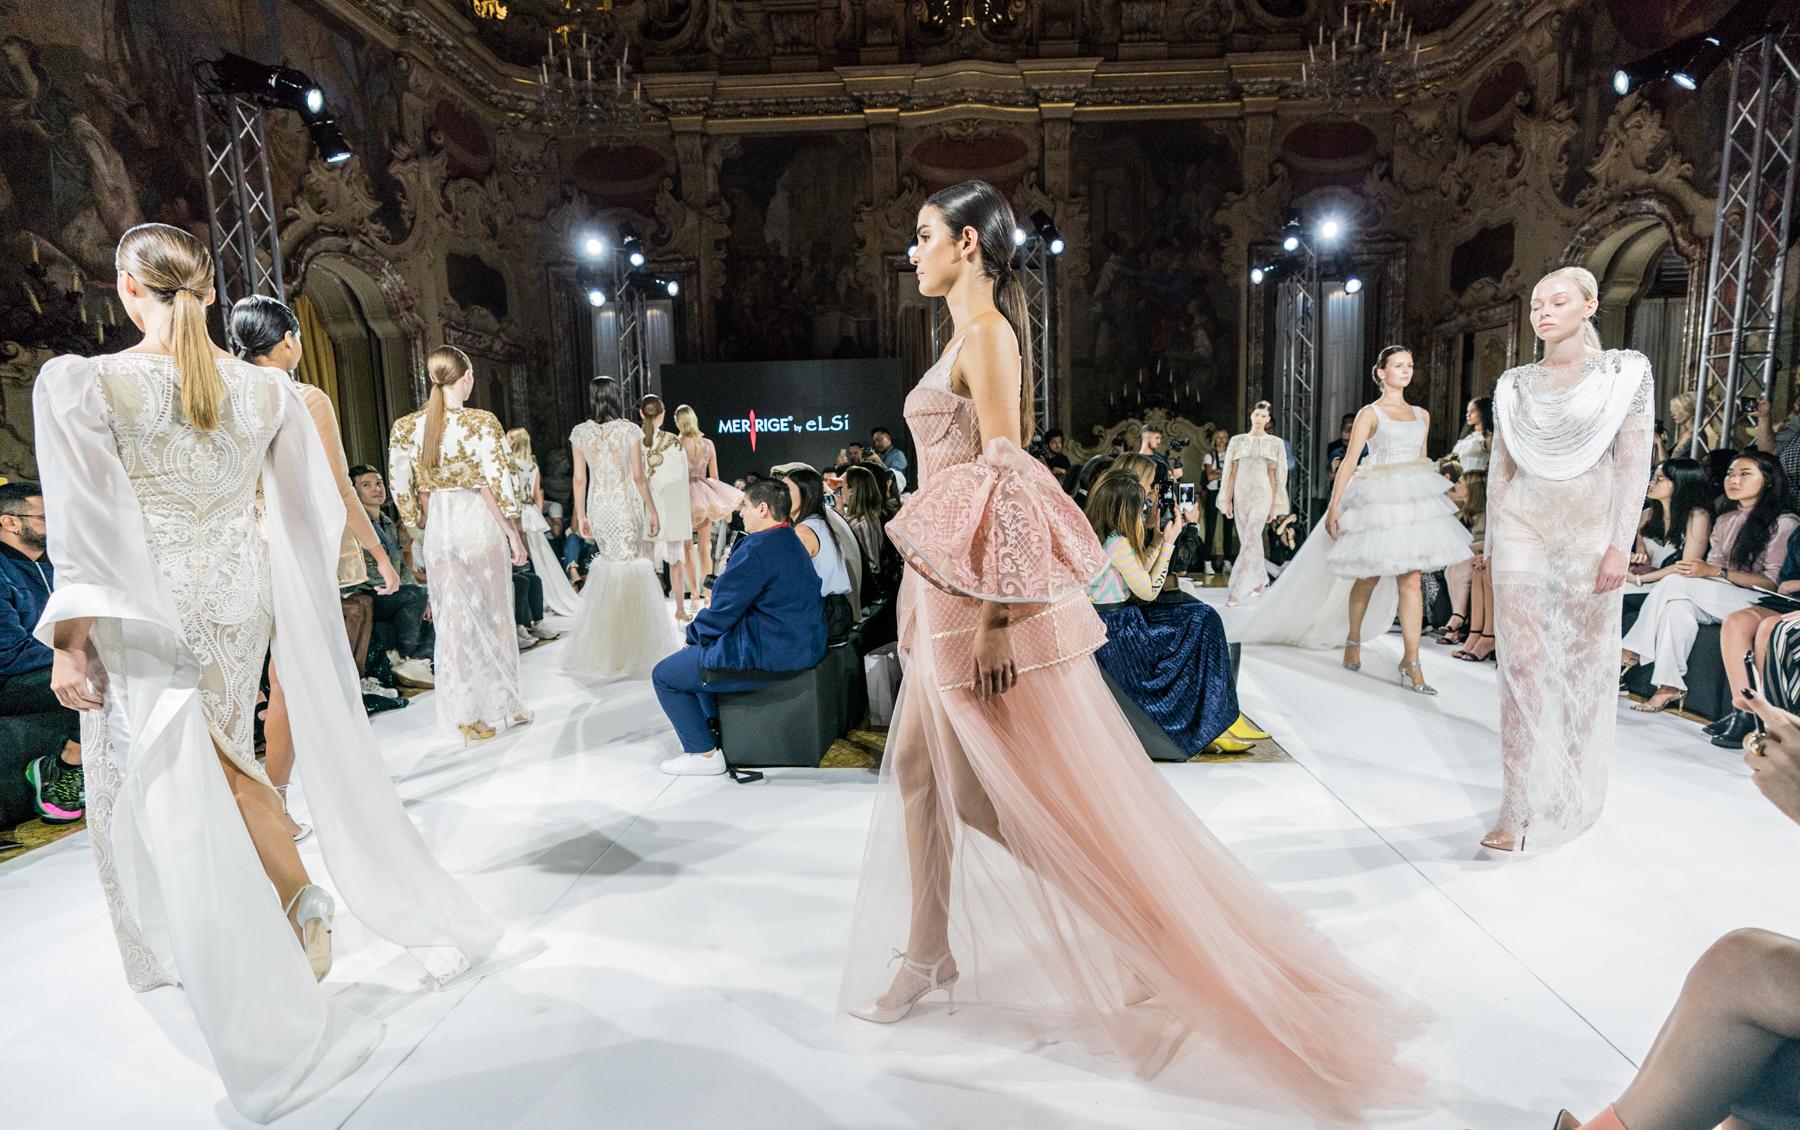 Milan Fashion week mfw-26.jpg